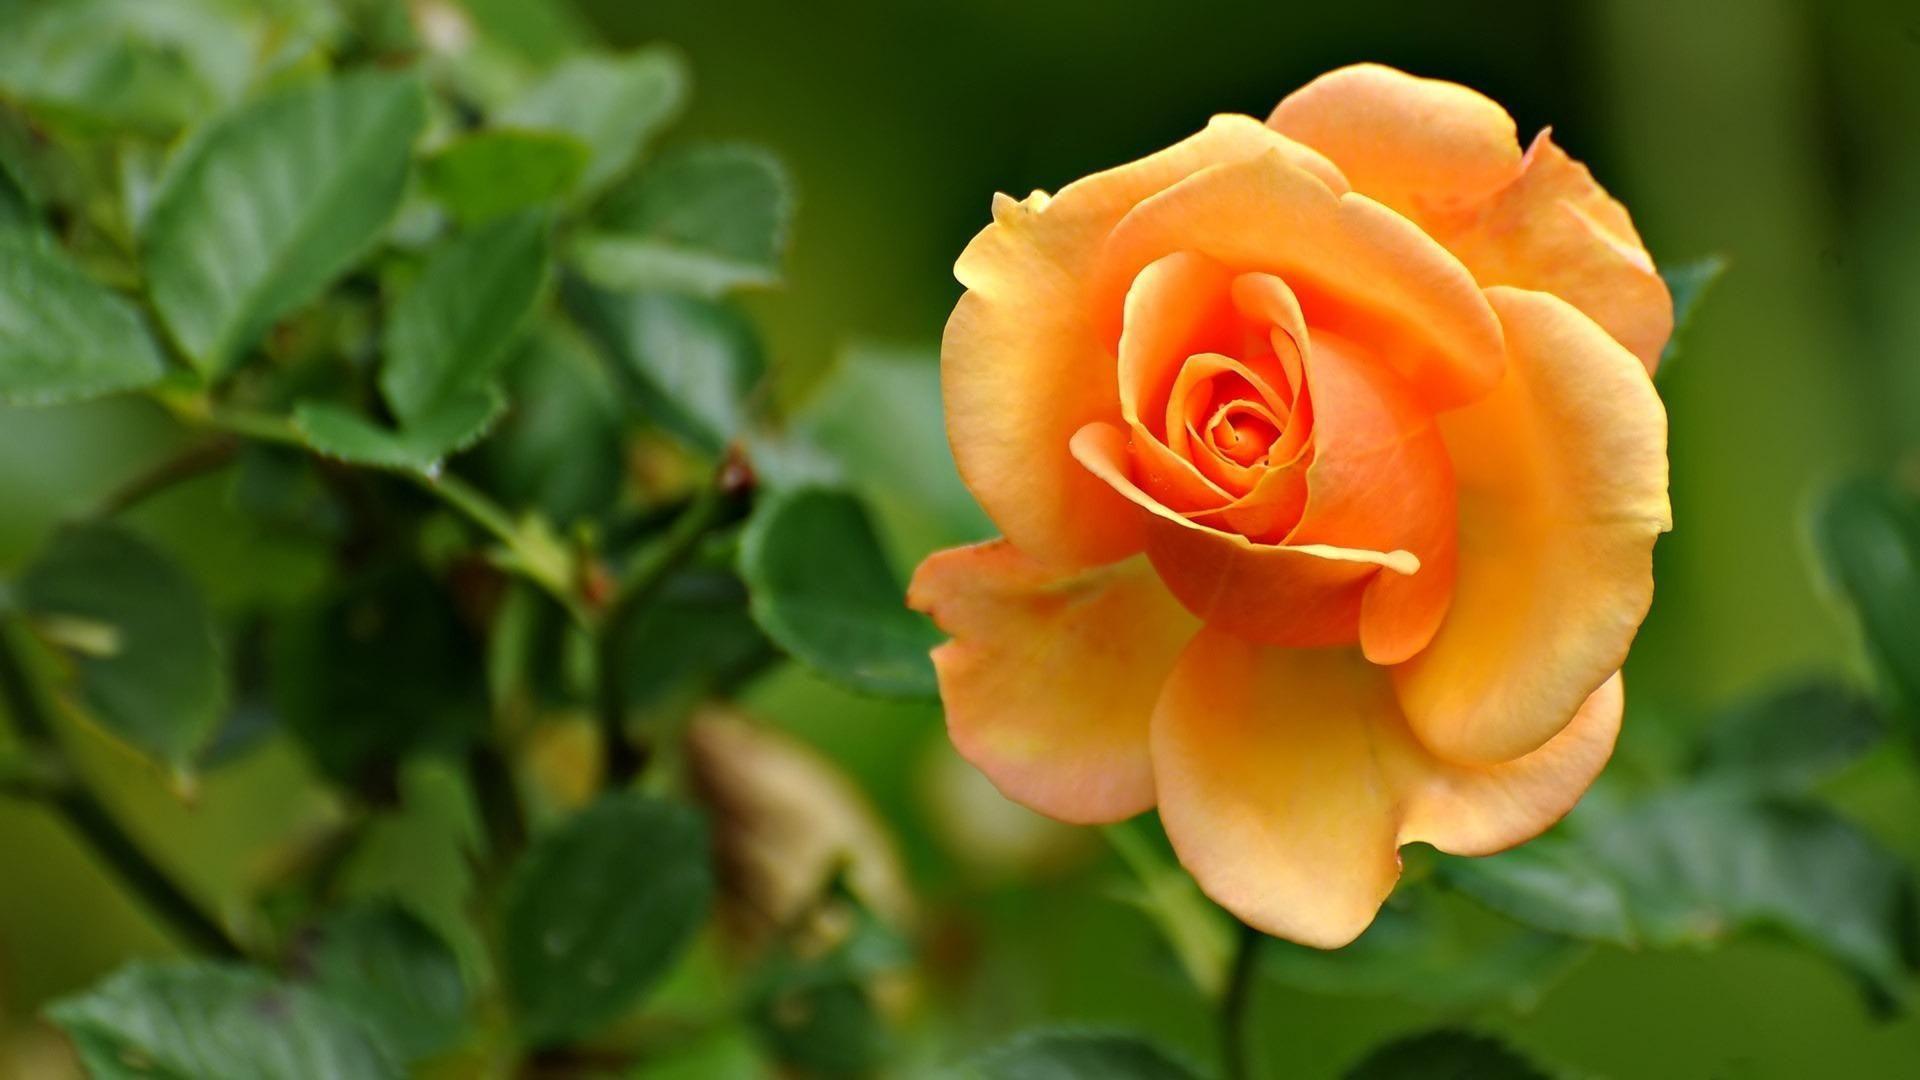 Hd wallpaper yellow rose - Rose Widescreen Yellow Roses Imagenes Hd